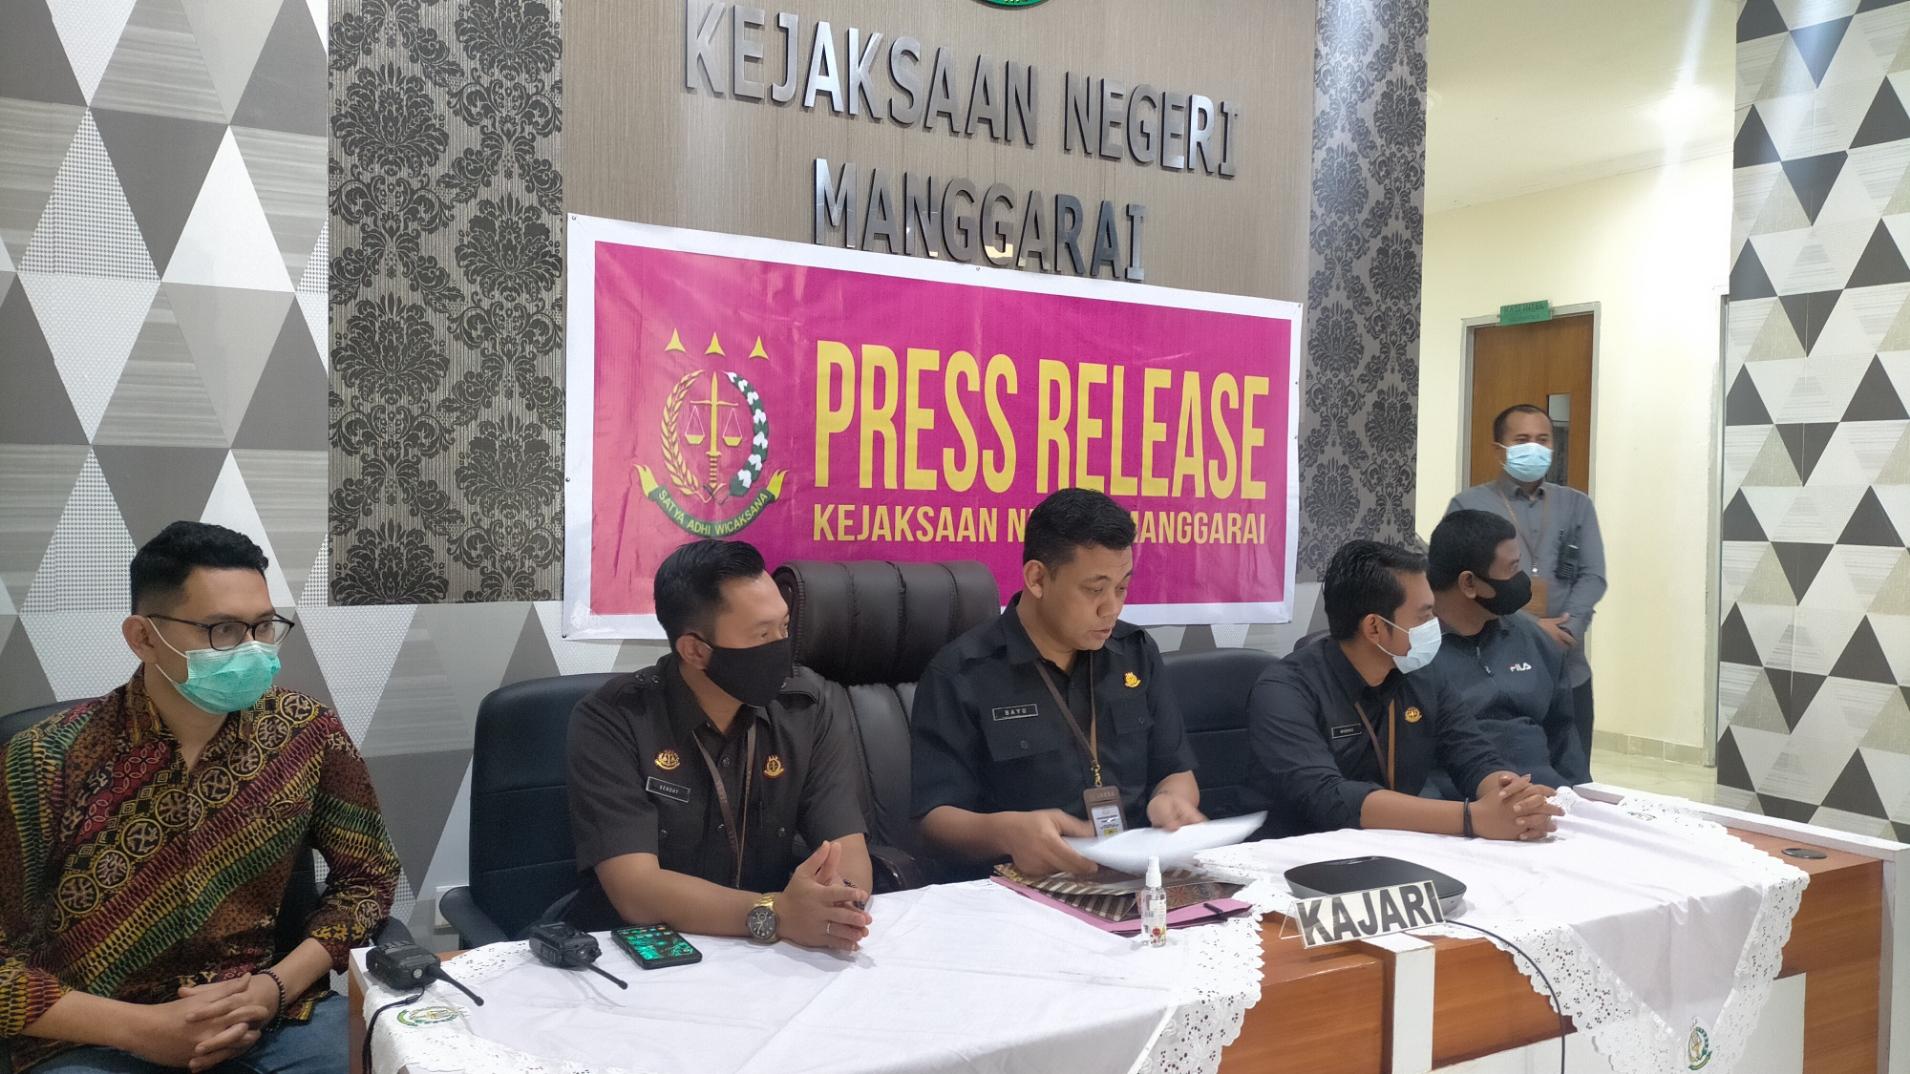 Kejaksaan Negeri Manggarai Tangkap Dokter DPO Kasus Korupsi Alkes Dinkes Matim